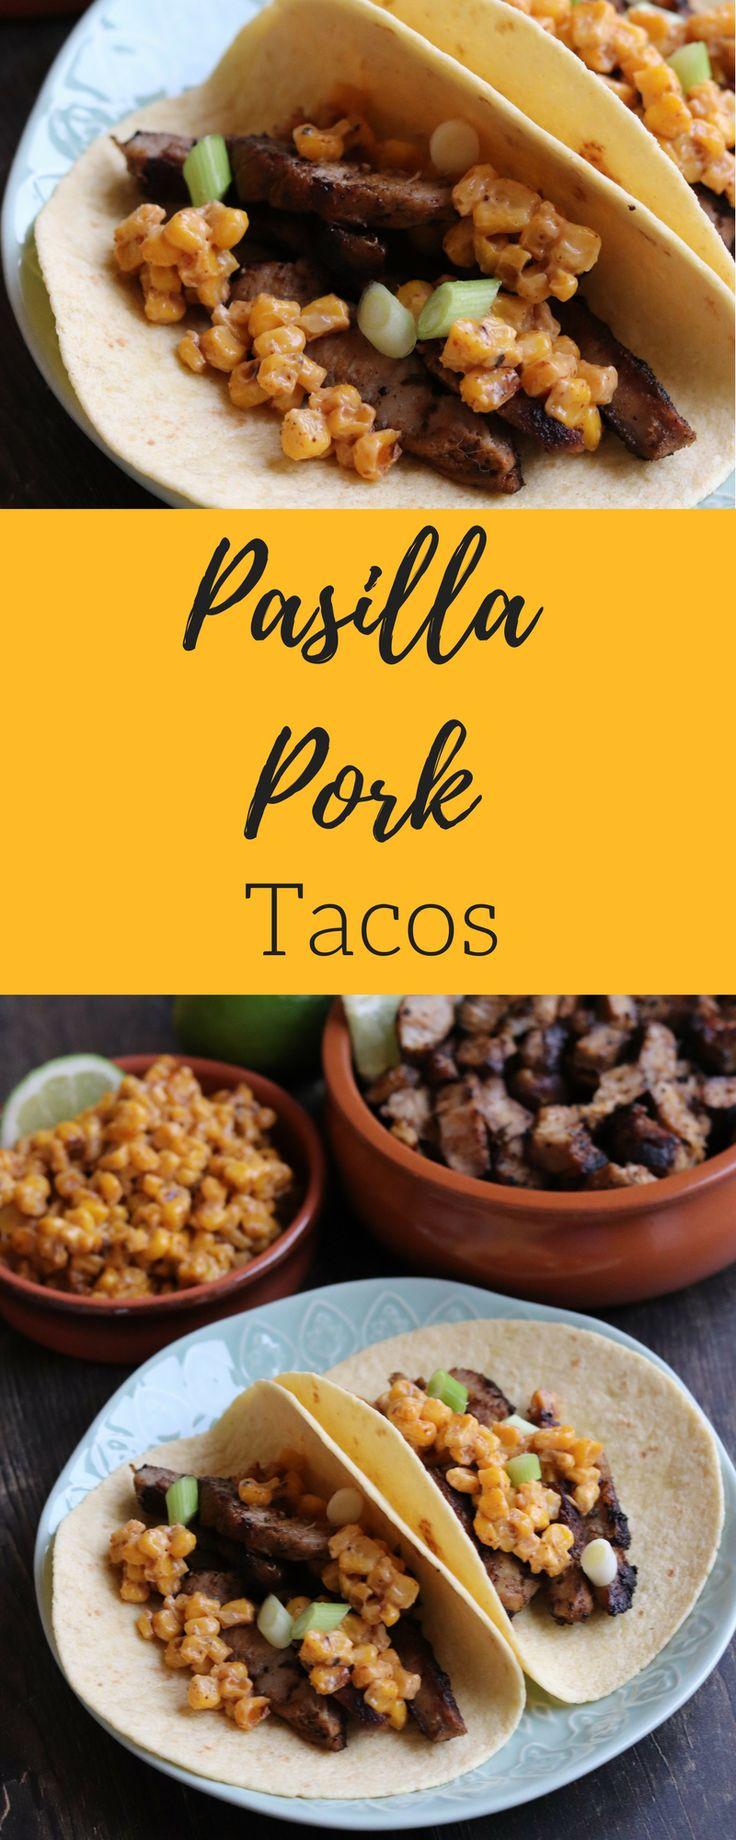 Pasilla Pork Tacos